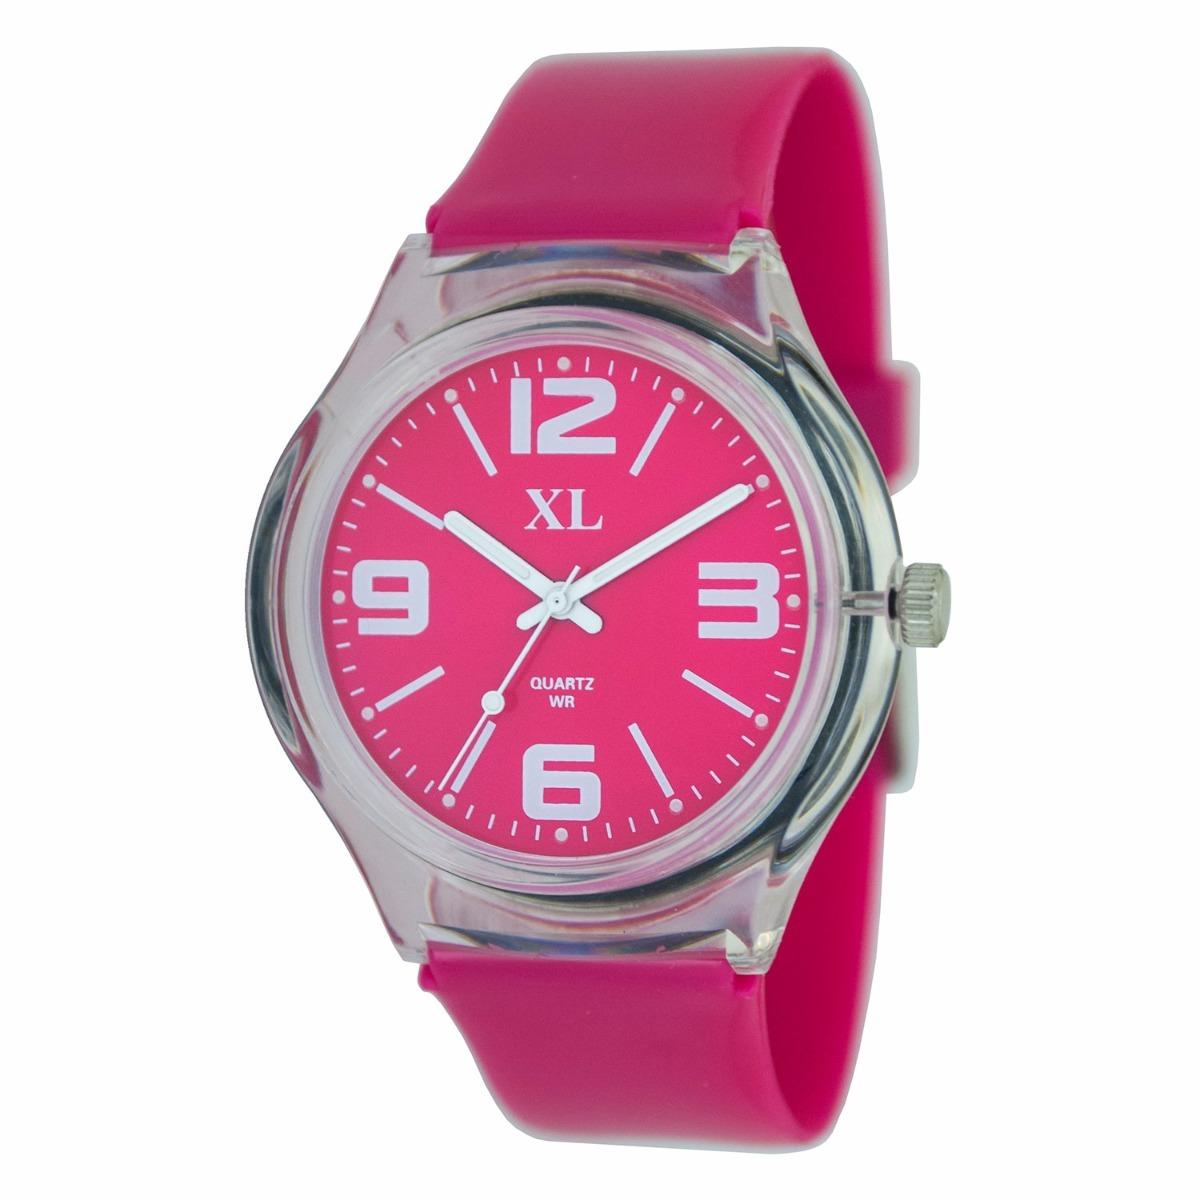 5f3225b7b670 Reloj Xl Extra Large Moda Plástico Dama Xl463 Fucsia -   973